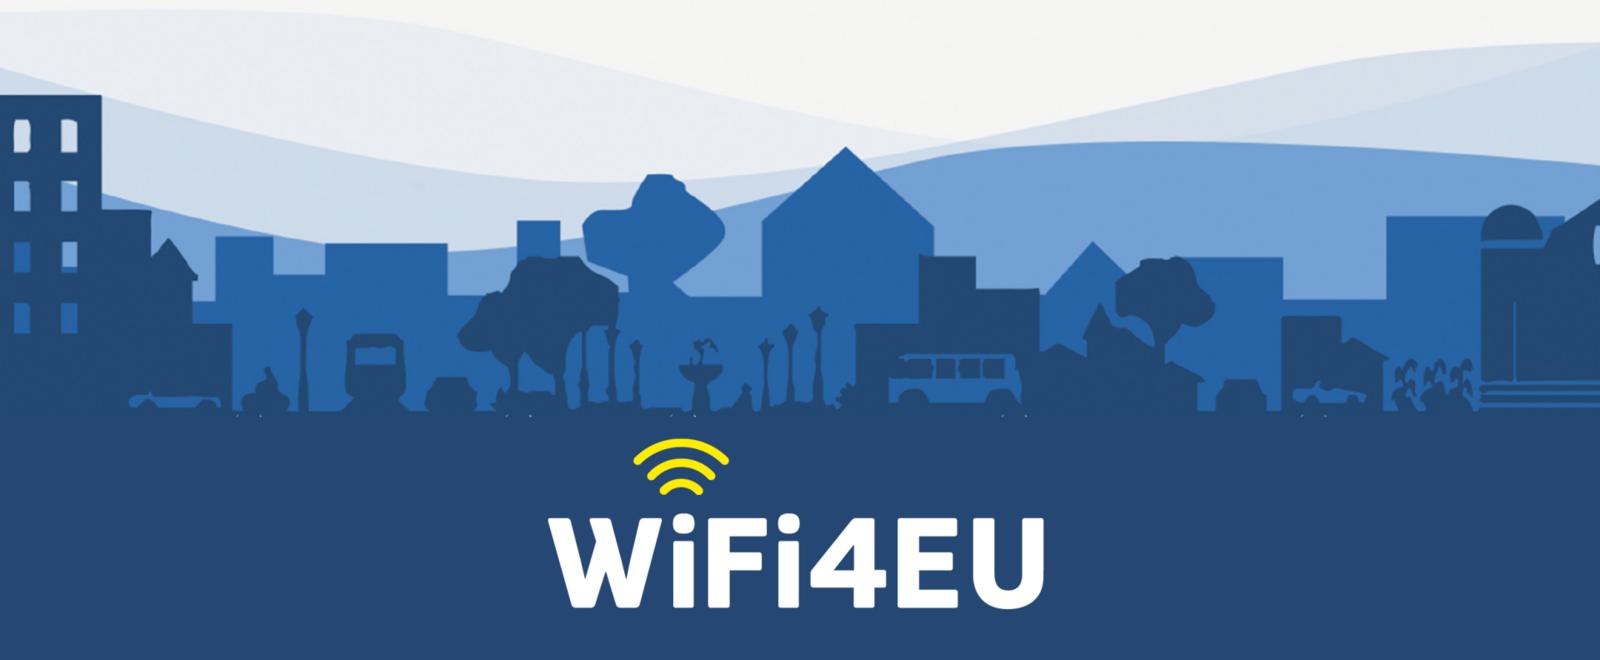 Visaginiečių ir miesto svečių patogumui – nemokamos belaidžio interneto ryšio zonos